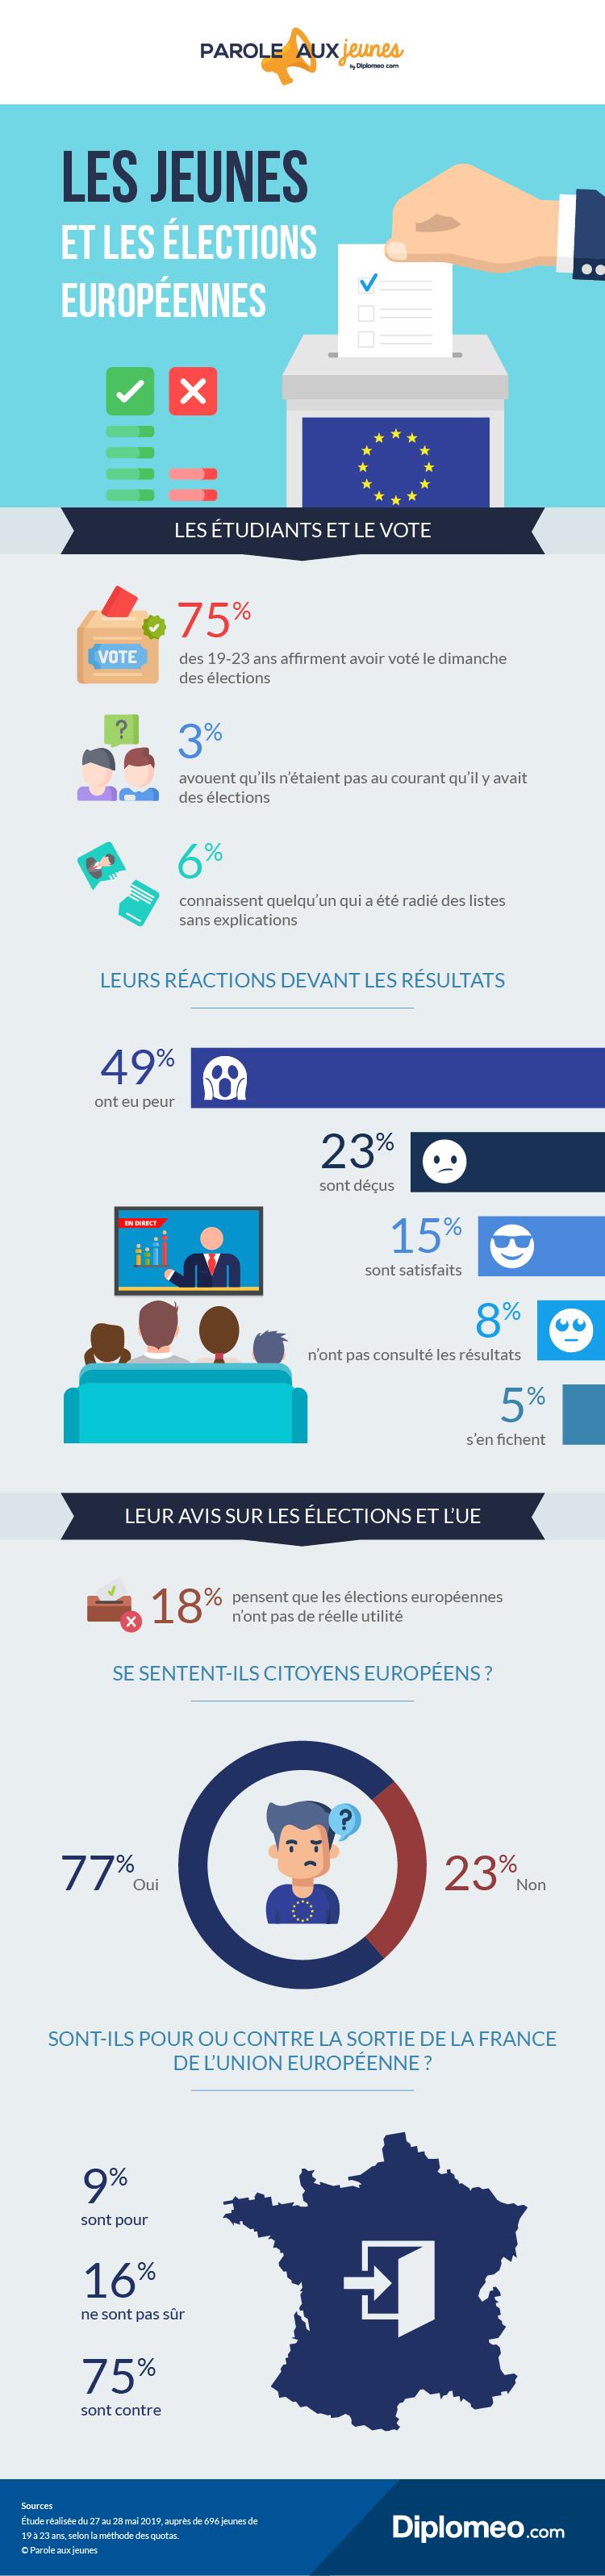 Les jeunes et les élections européennes